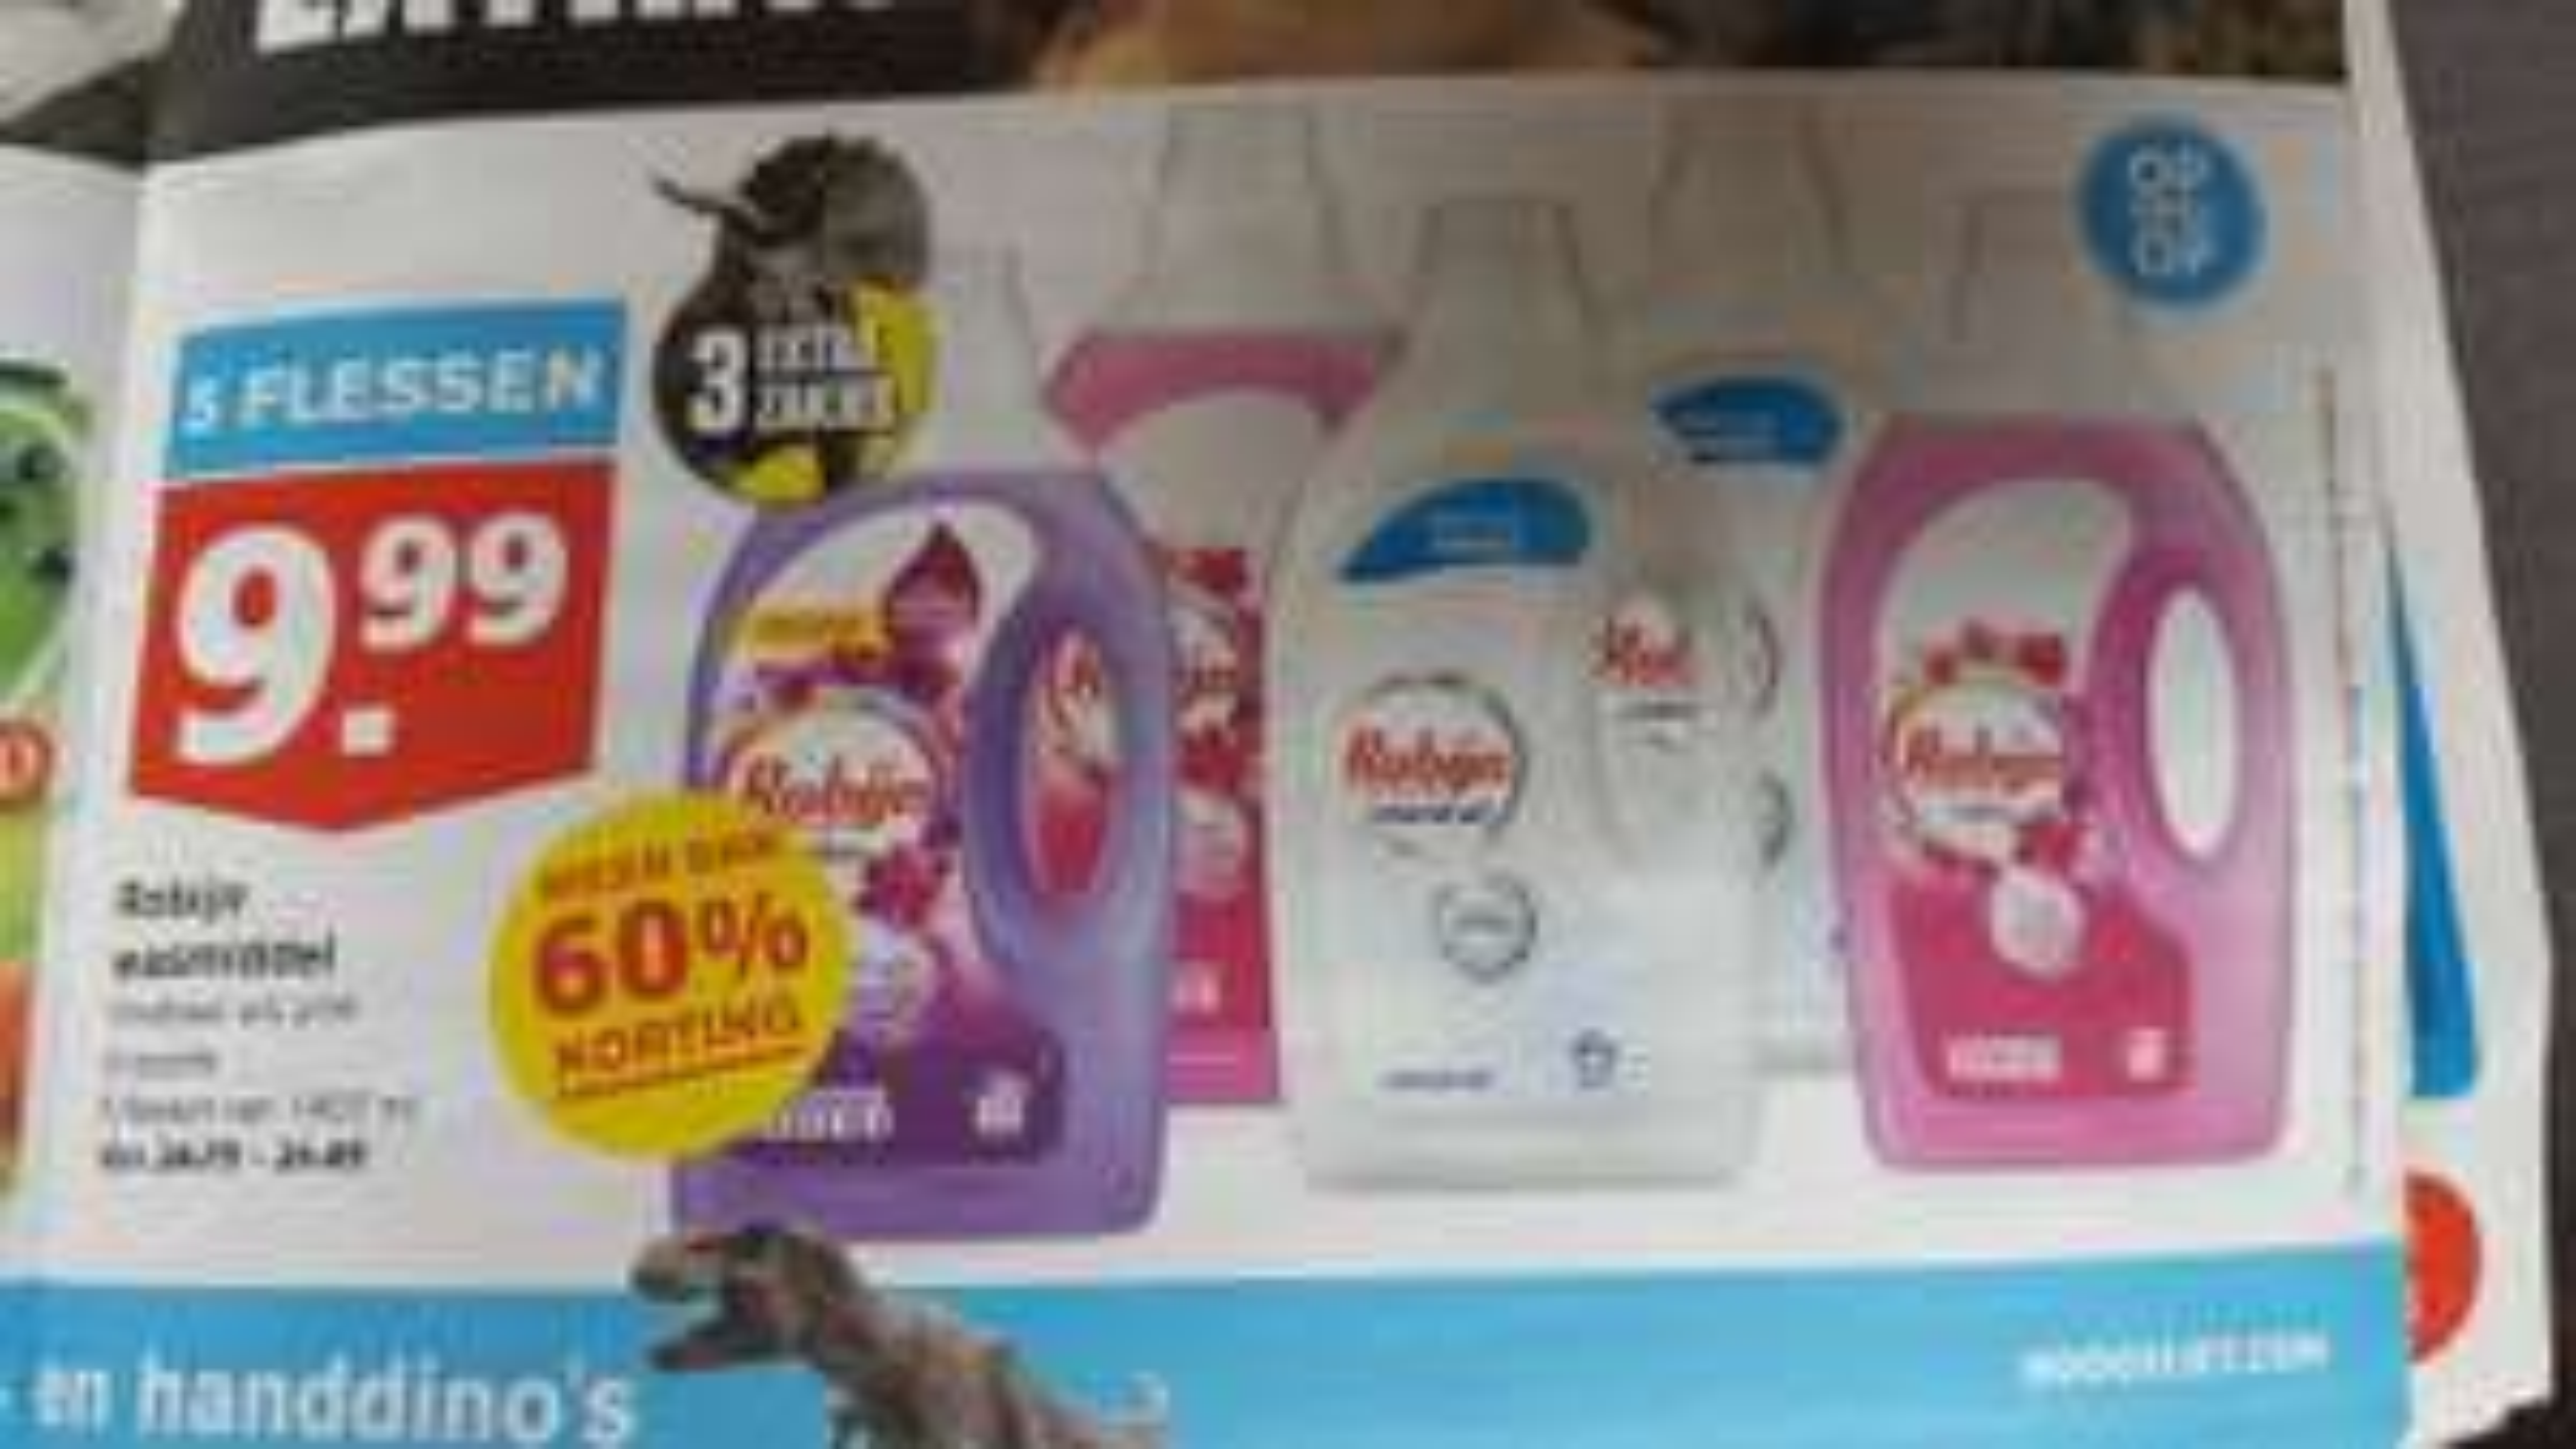 Robijn wasmiddel 5 flessen €9,99